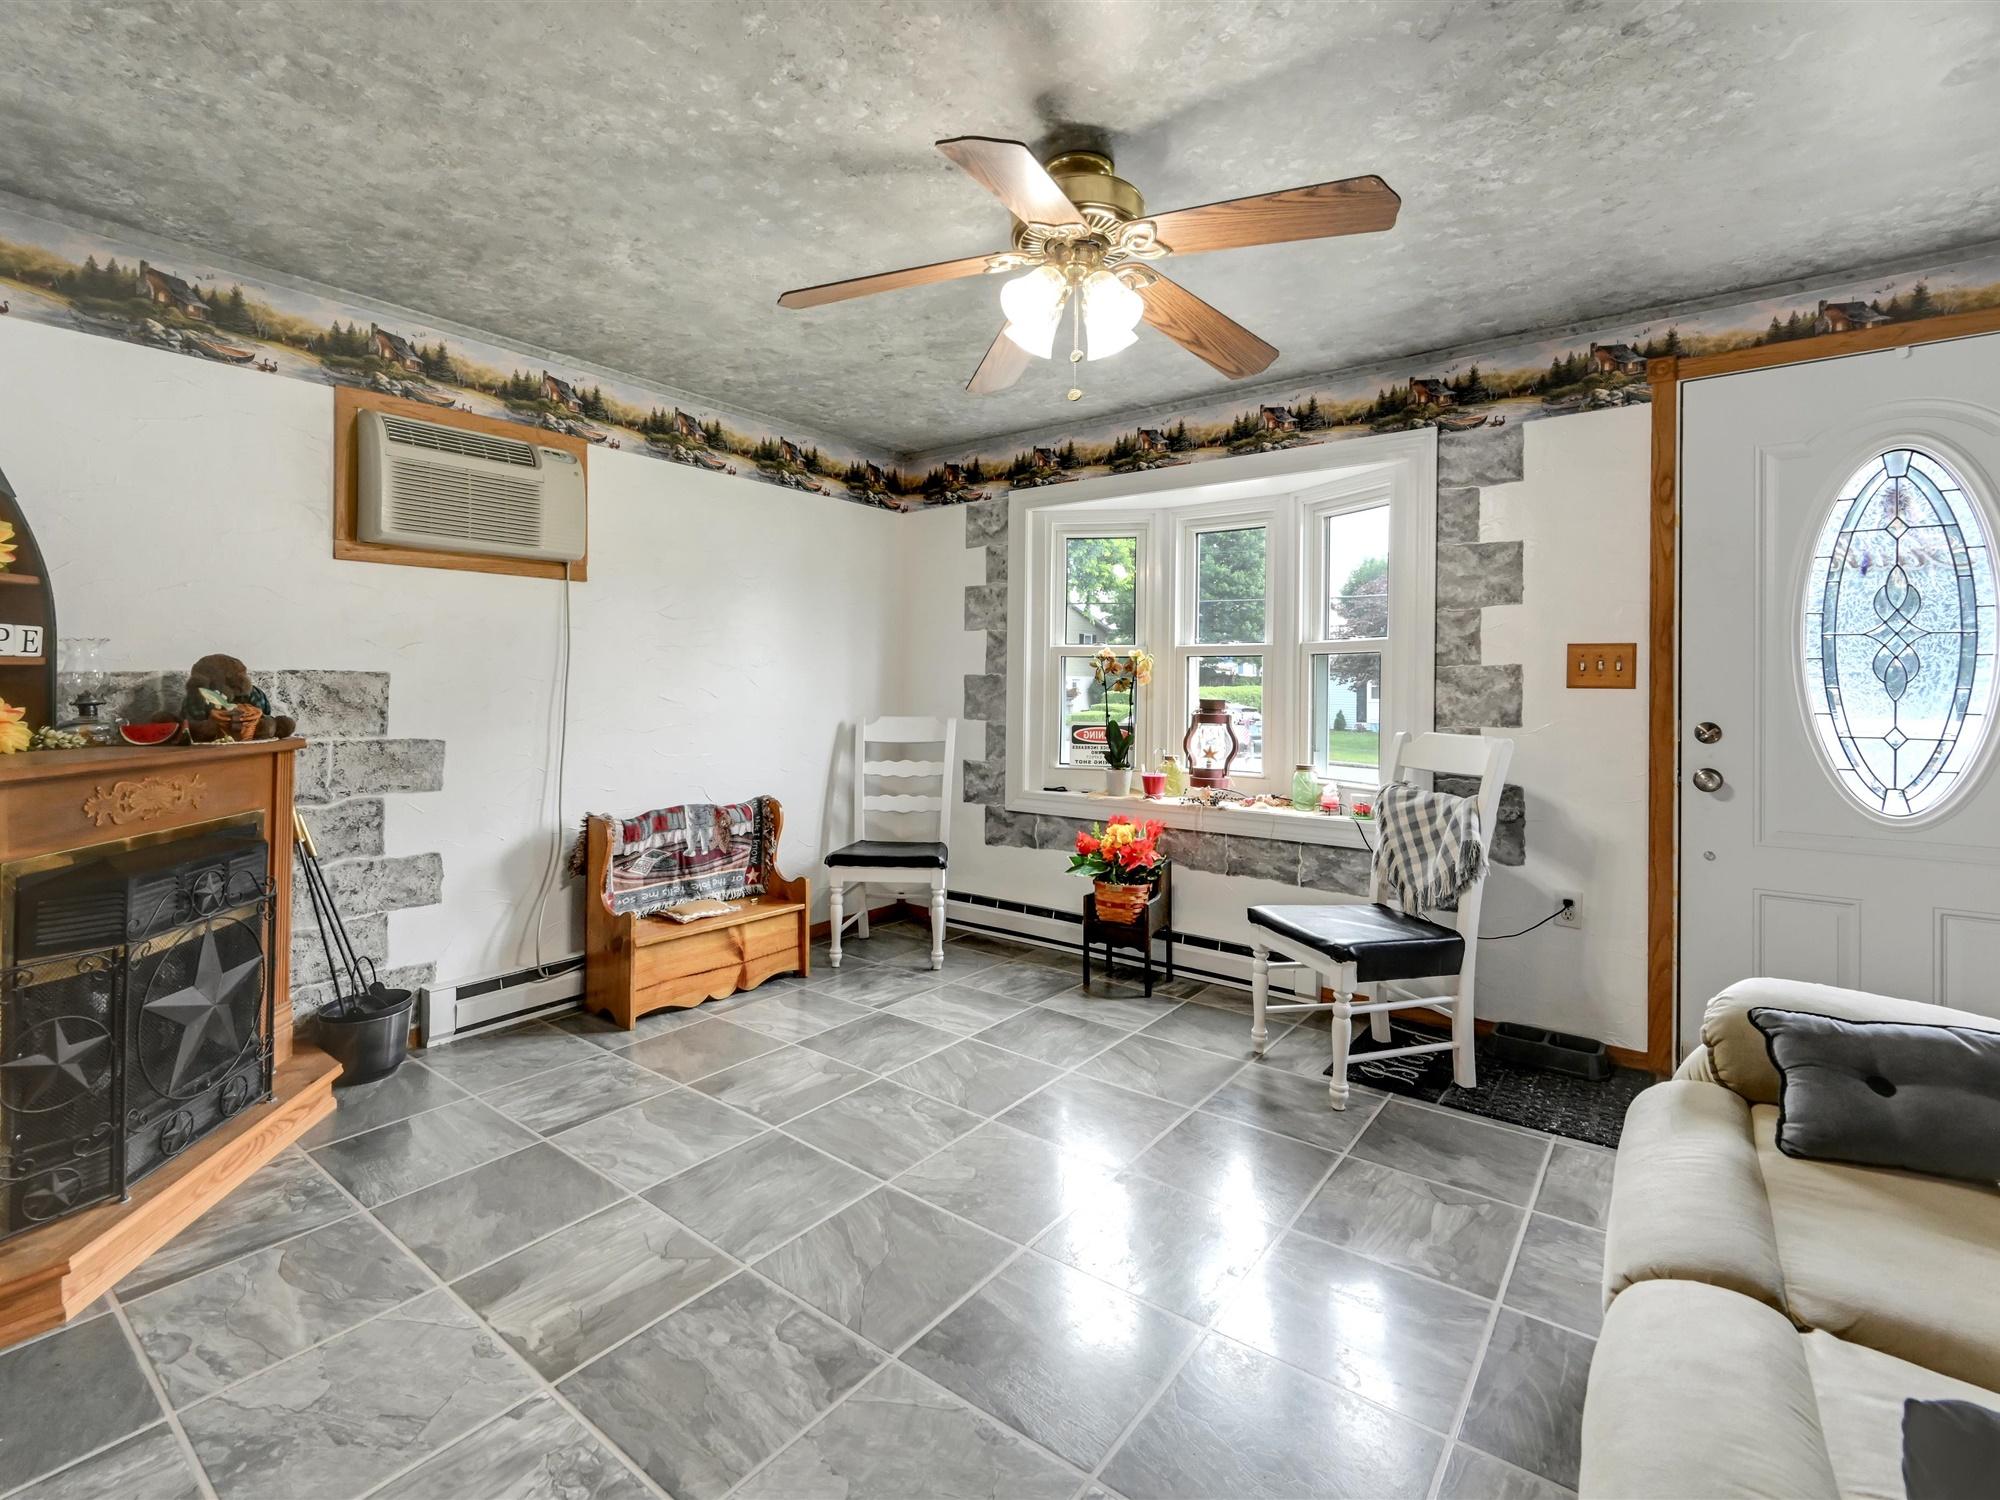 1617 Greenwood Dr. - Living room 1